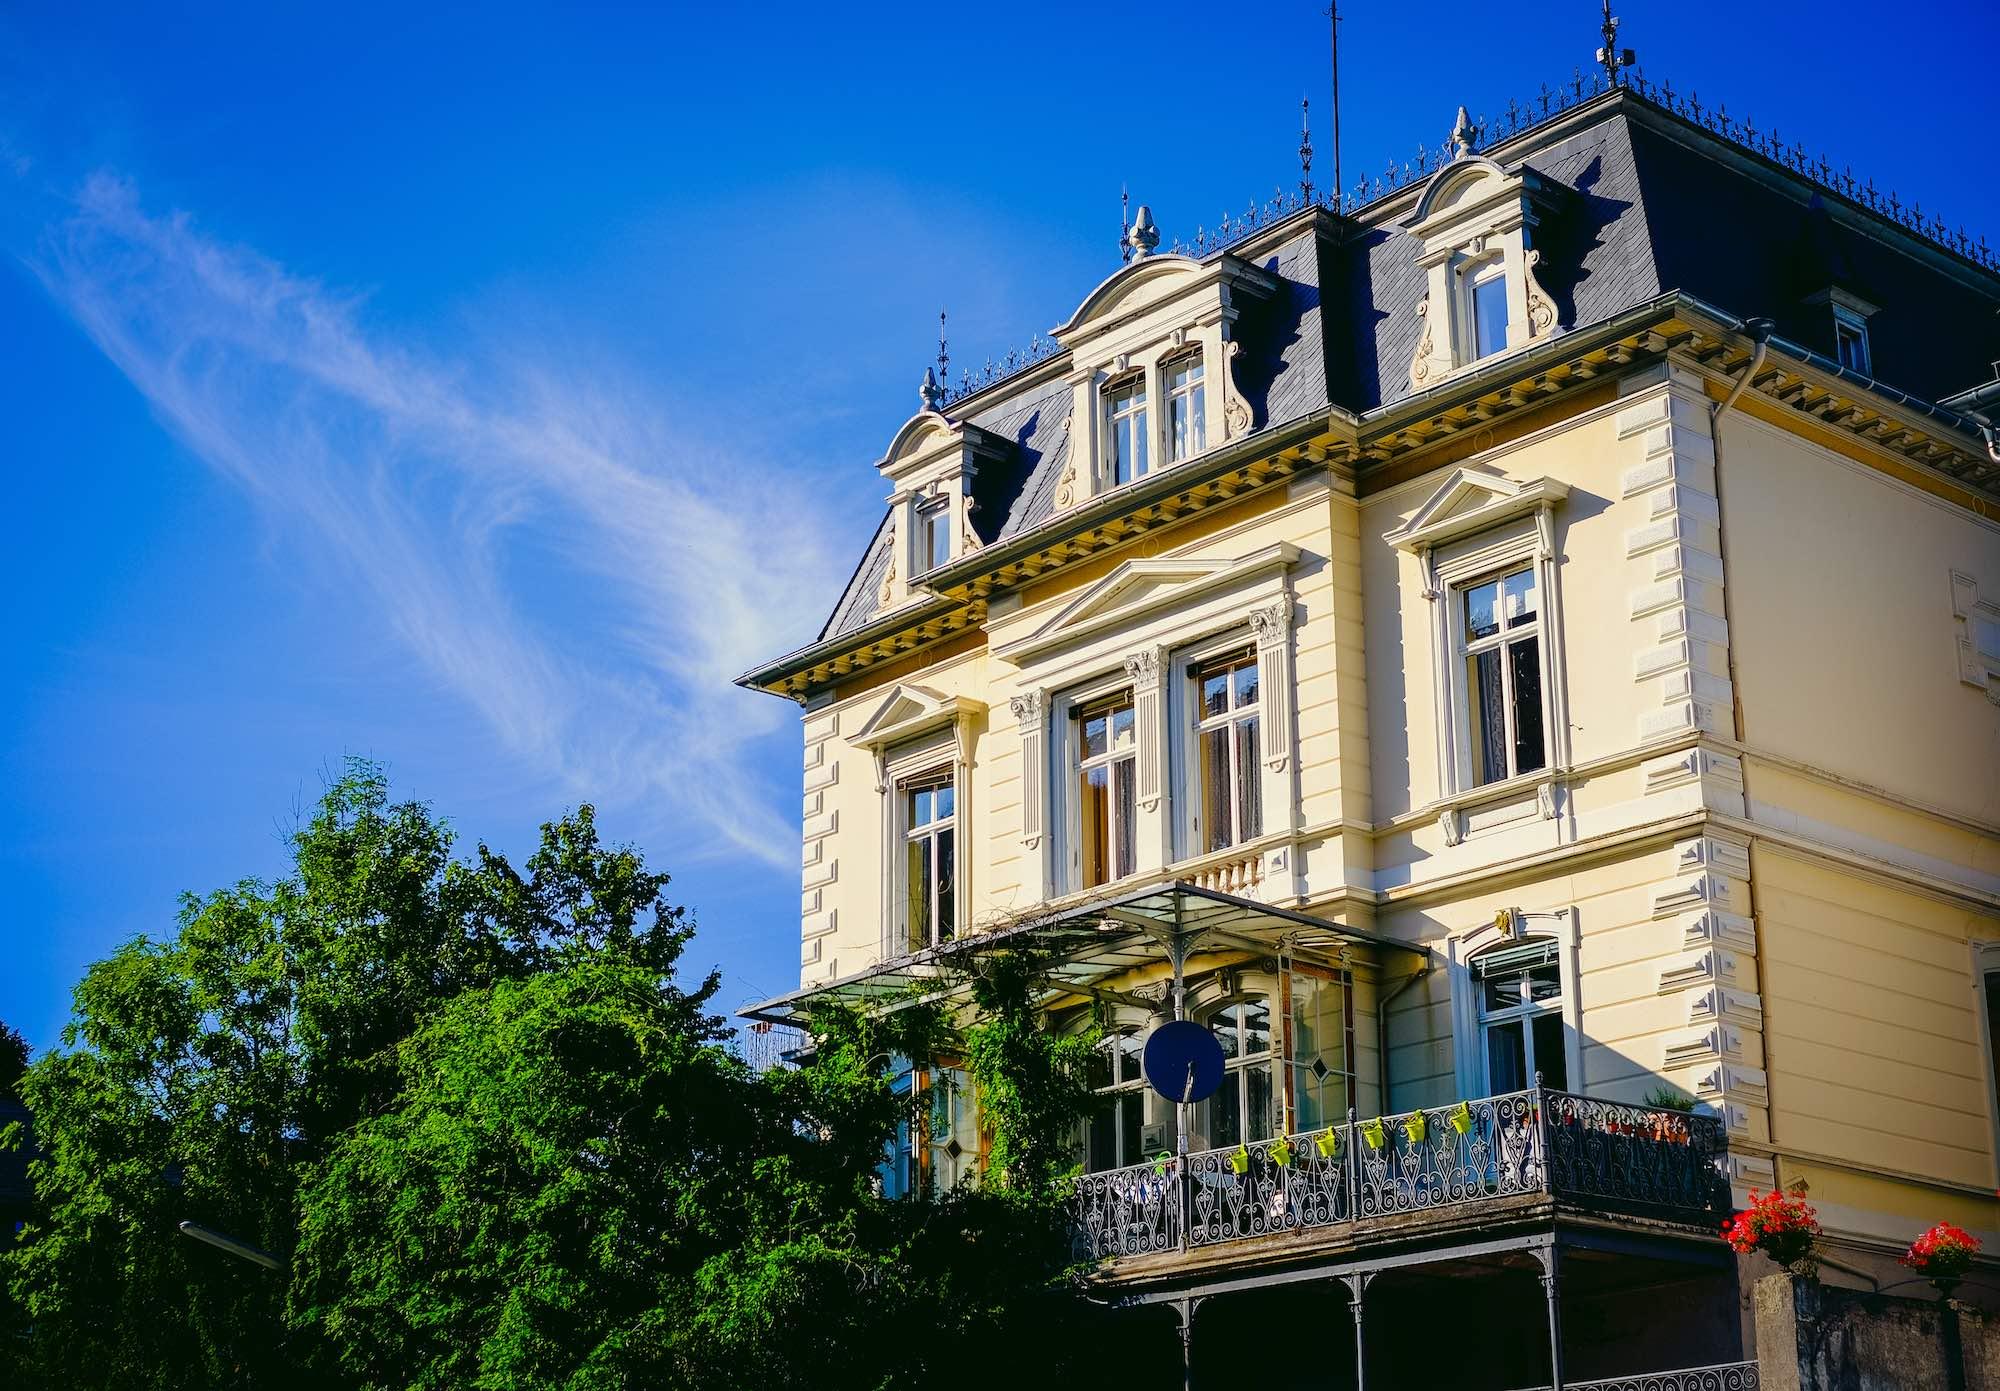 Villa Richard Langguth, erbaut 1890